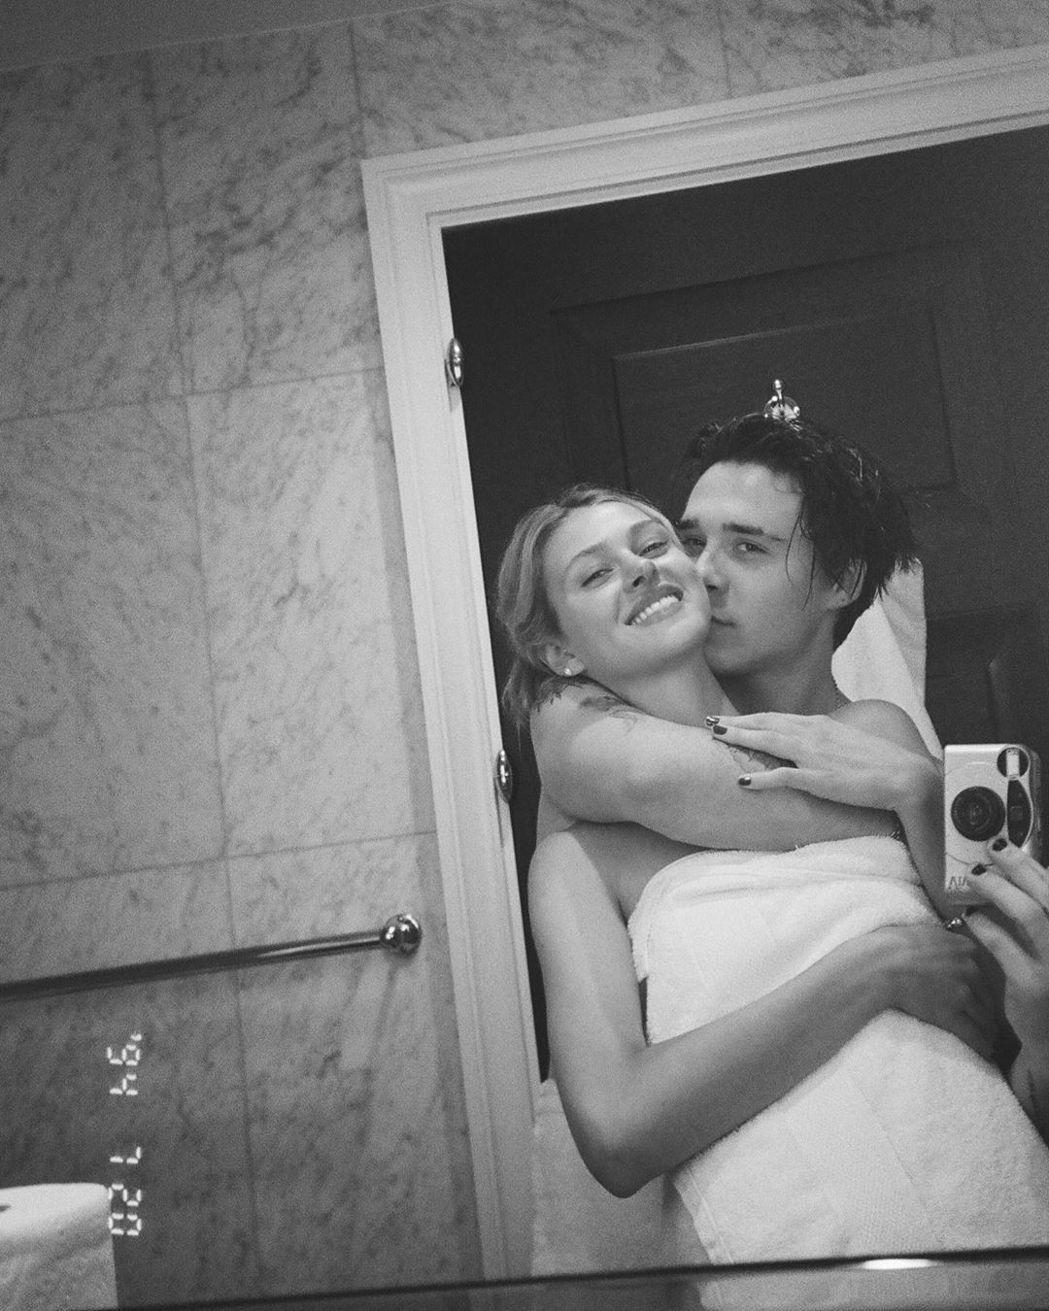 布魯克林貝克漢與妮可拉佩茲動作親密,高調認愛。圖/摘自Instagram